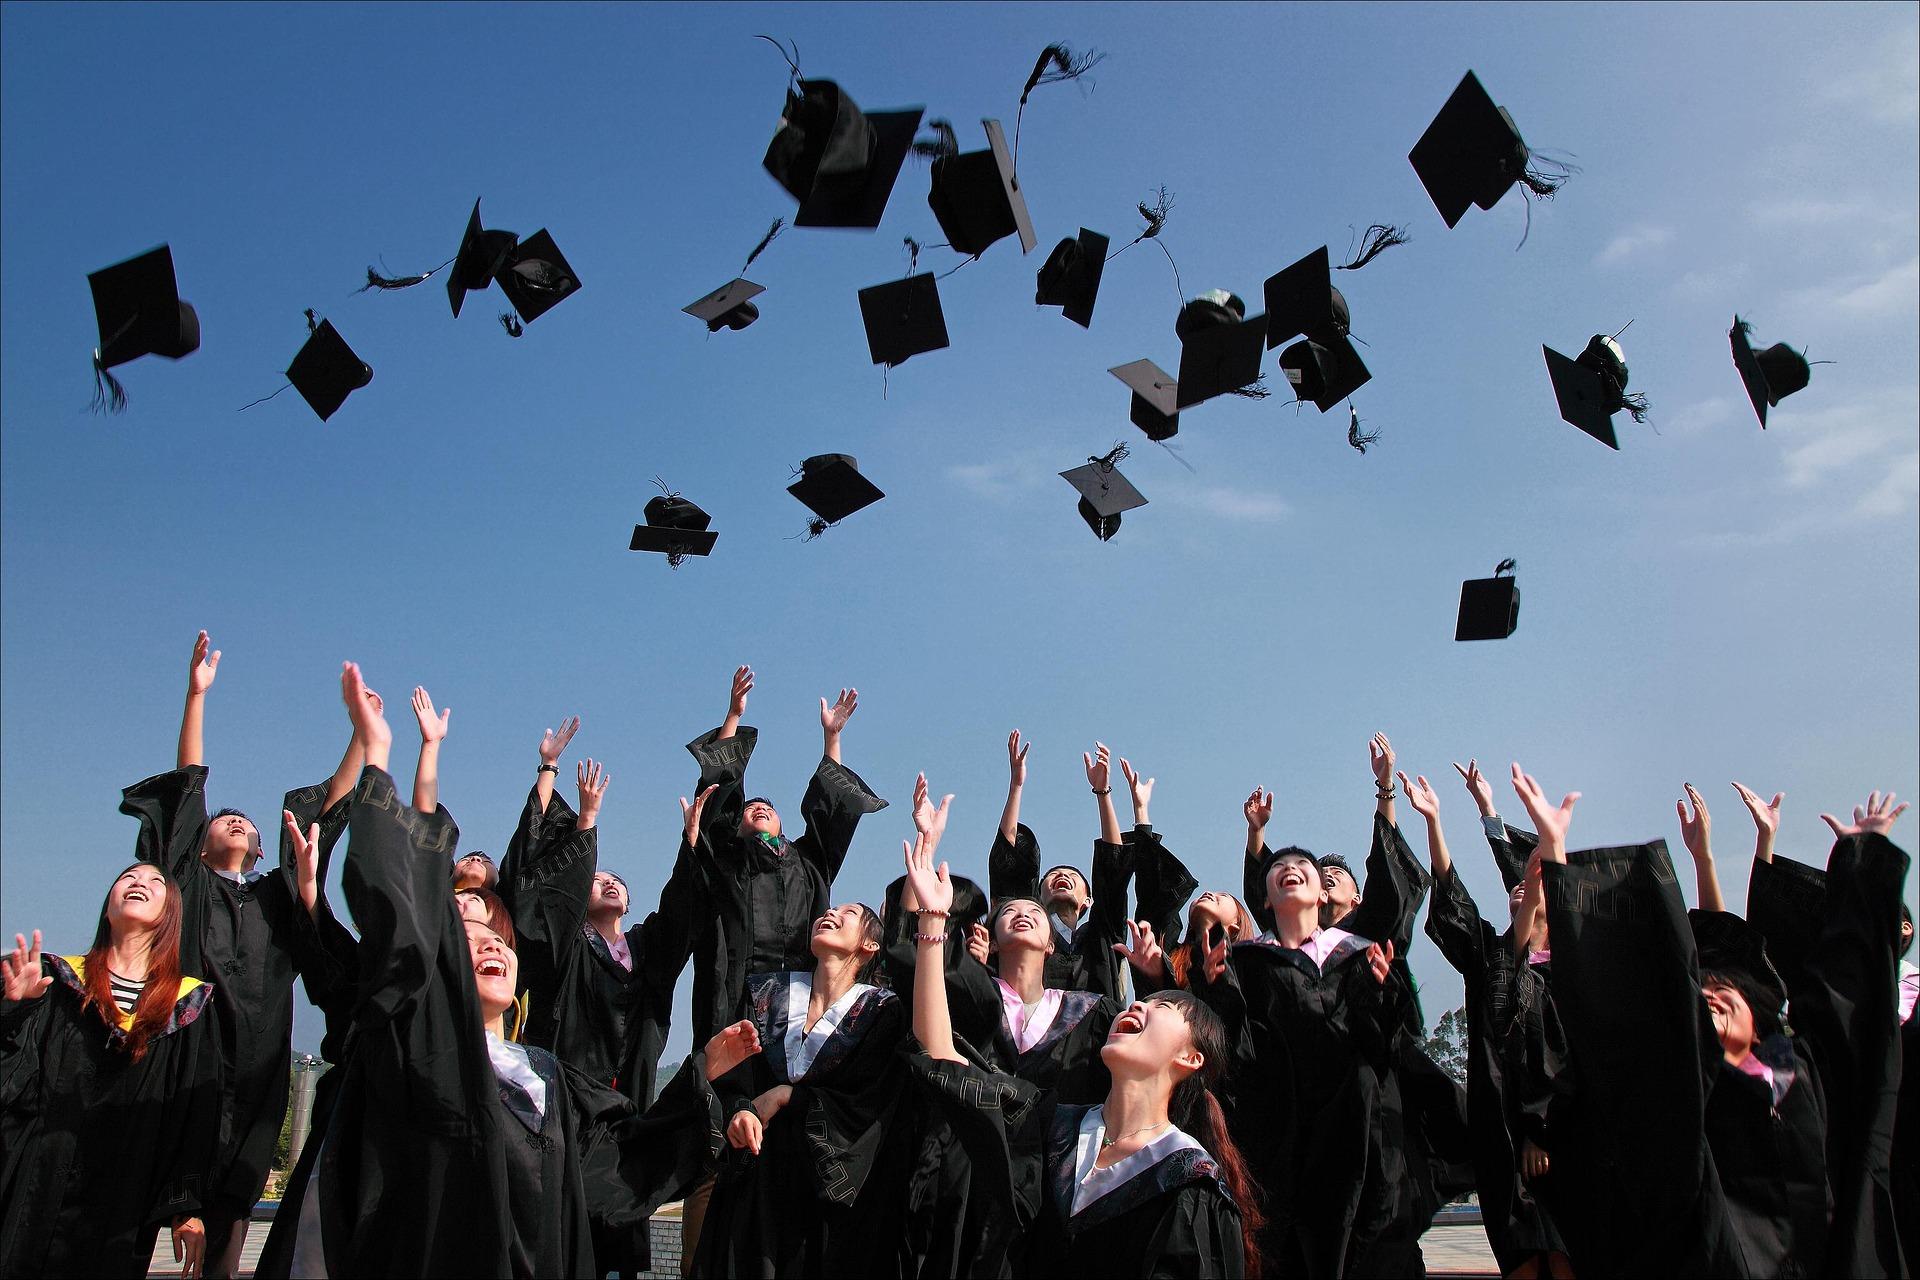 Graduation Motarboard Toss